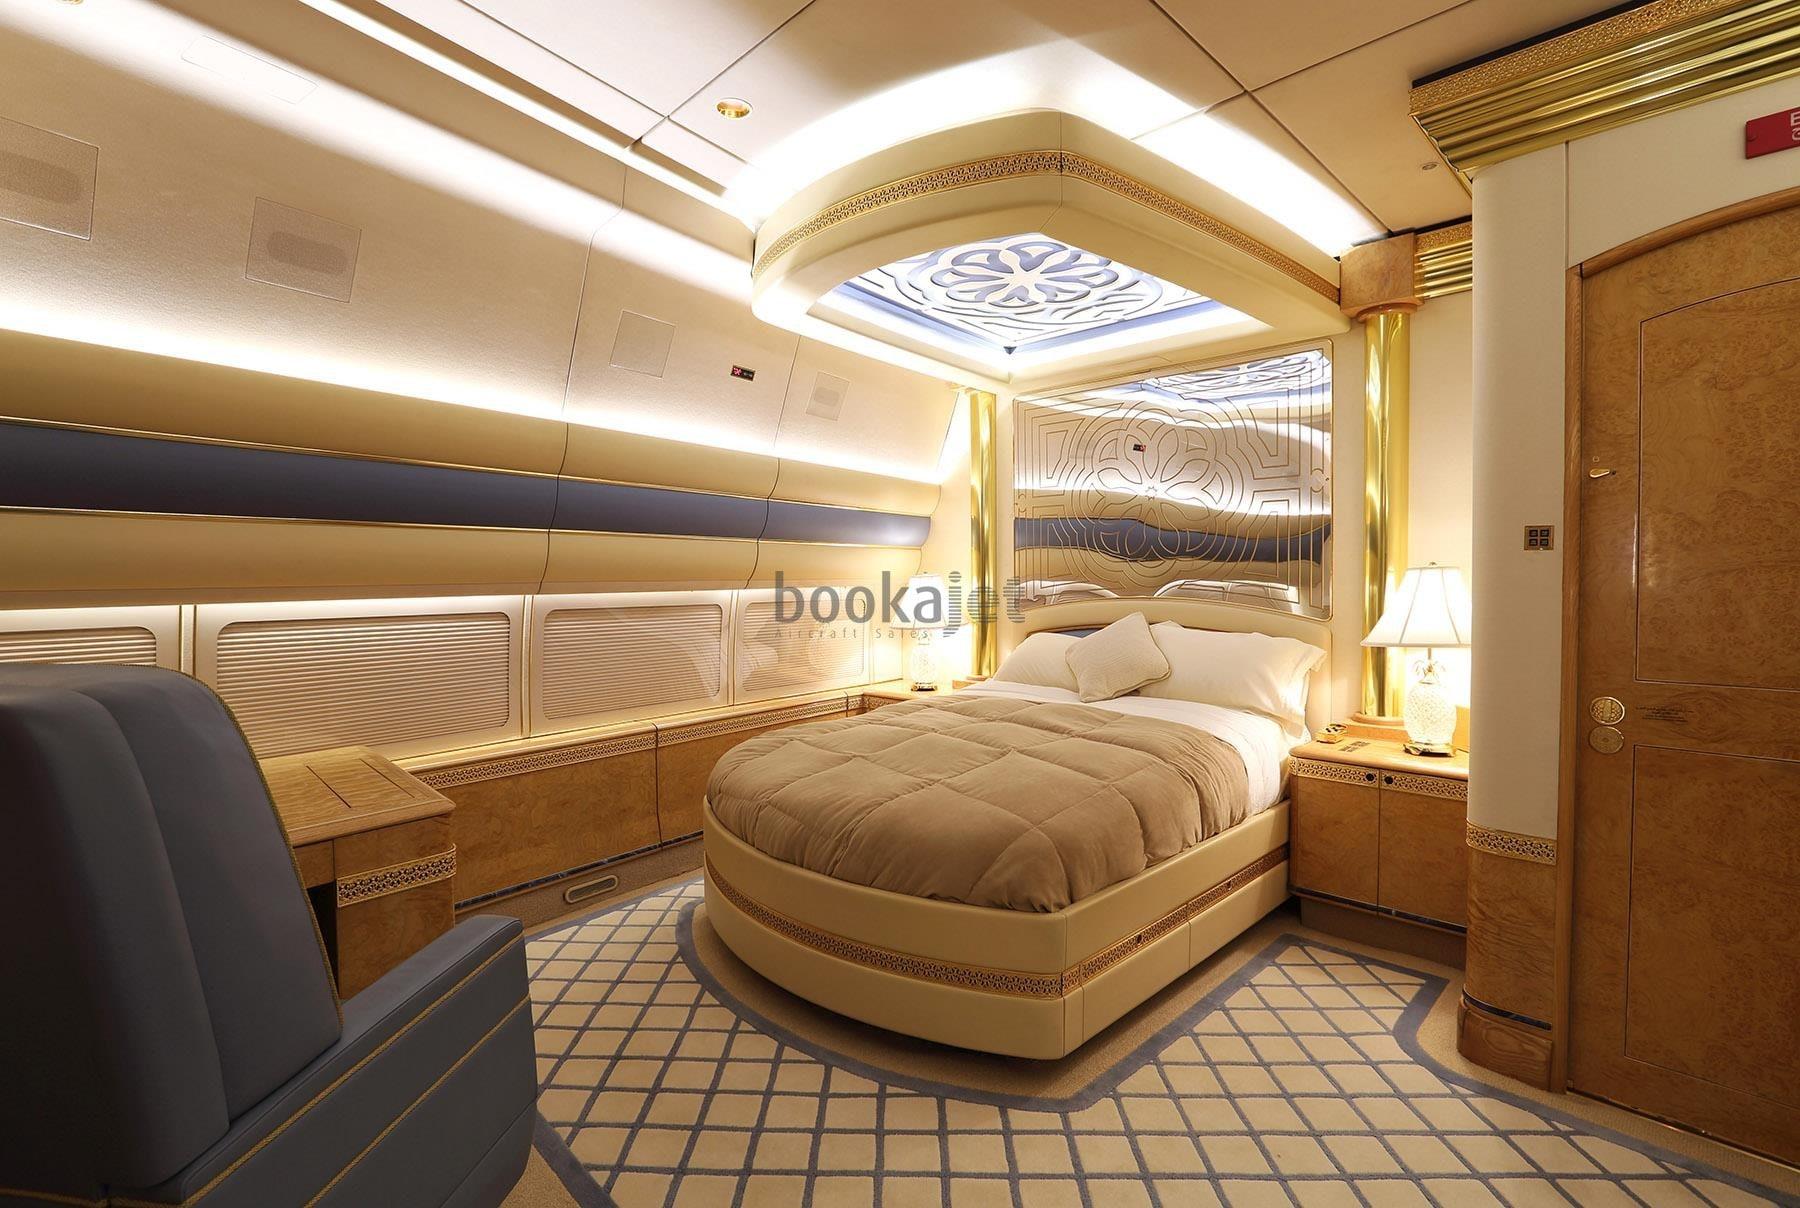 jet privado de la familia real de Qatar-1-min-min